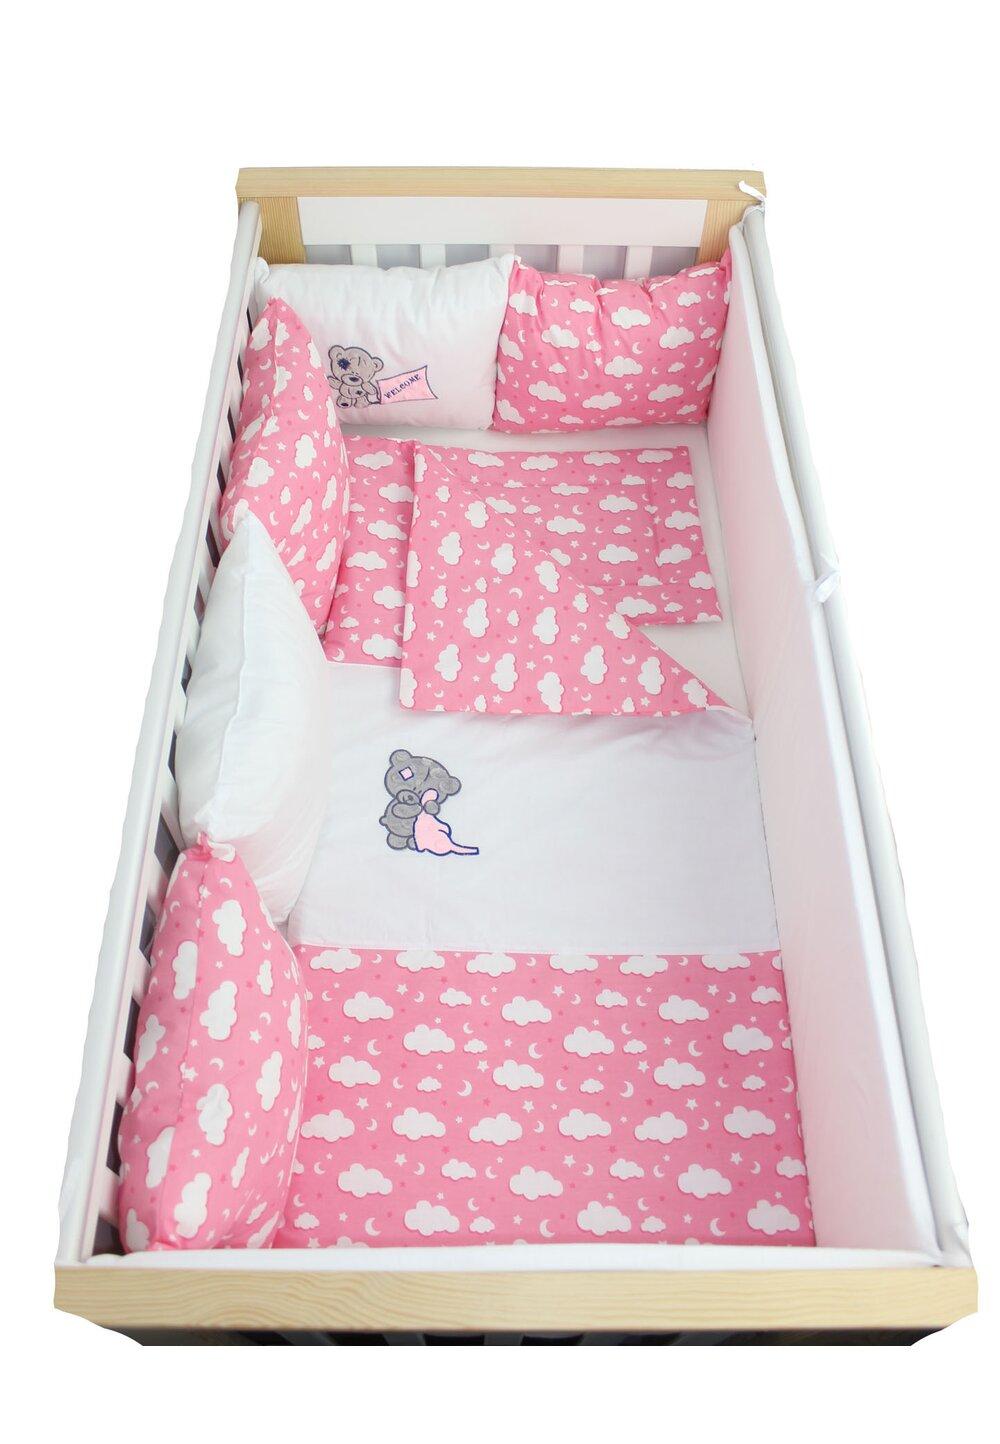 Lenjerie cu perne, 9 piese, norisori si stelute roz, 120x60cm imagine